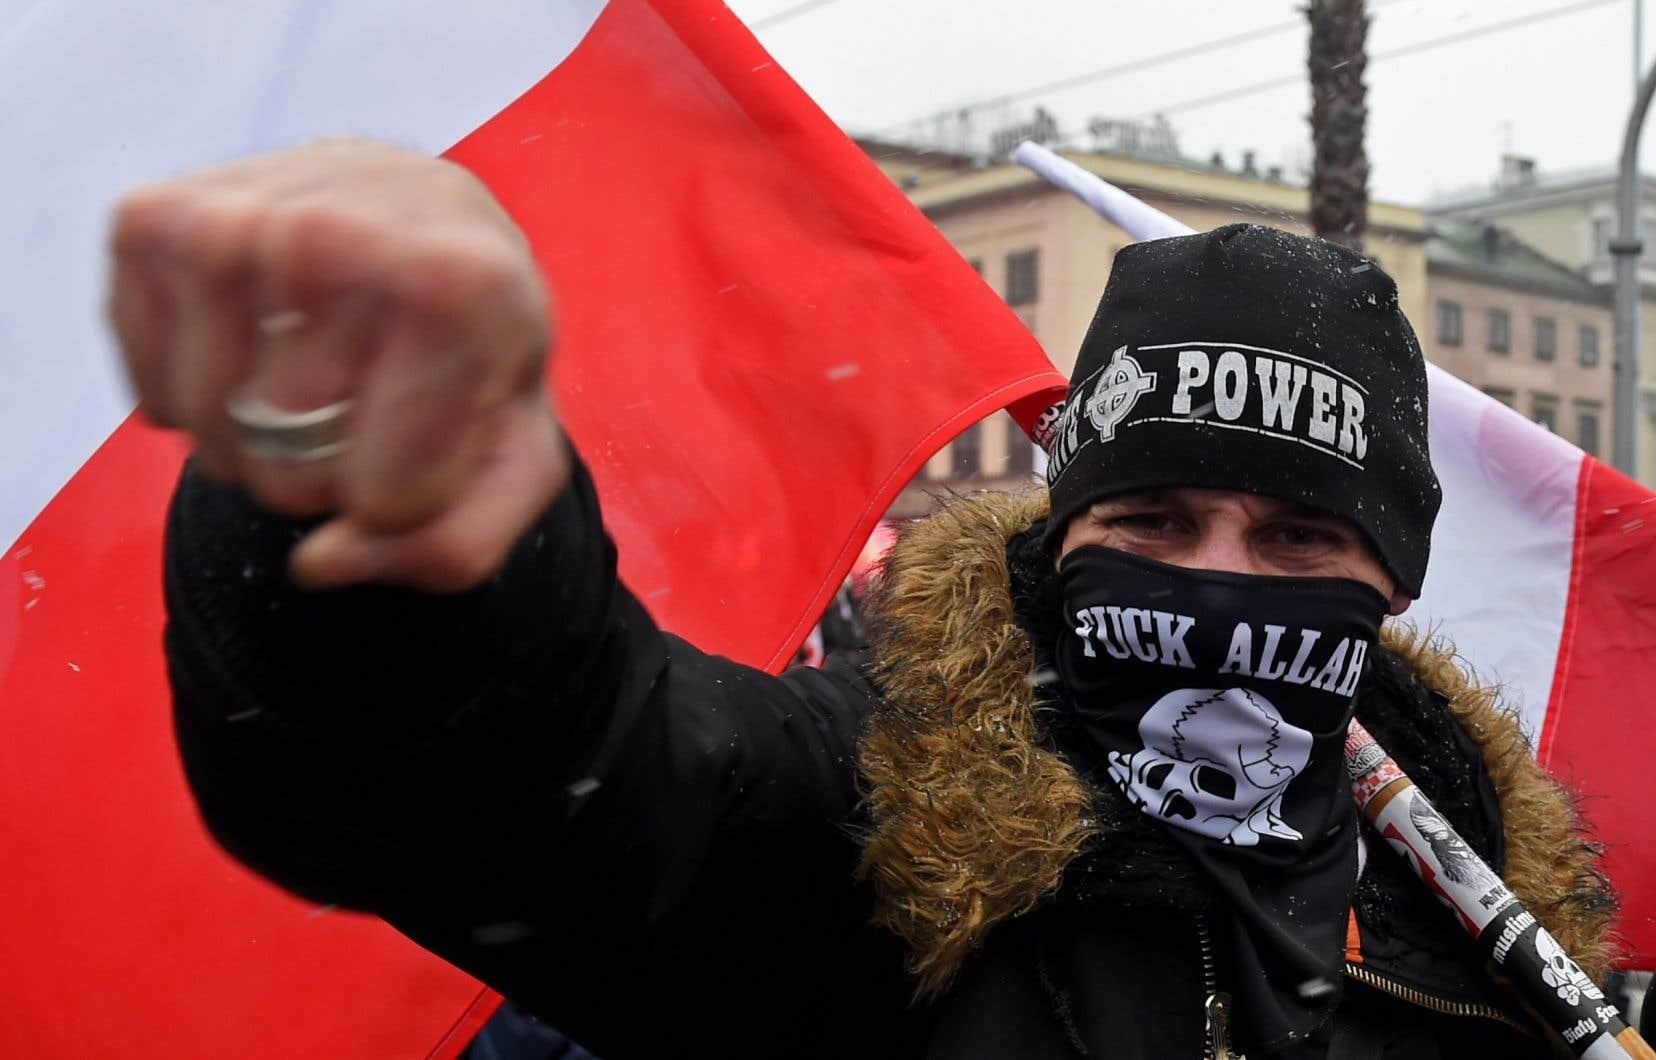 L'islamisme et le radicalisme identitaire, deux idéologies qui se nourrissent et se confortent mutuellement, pense l'auteur.